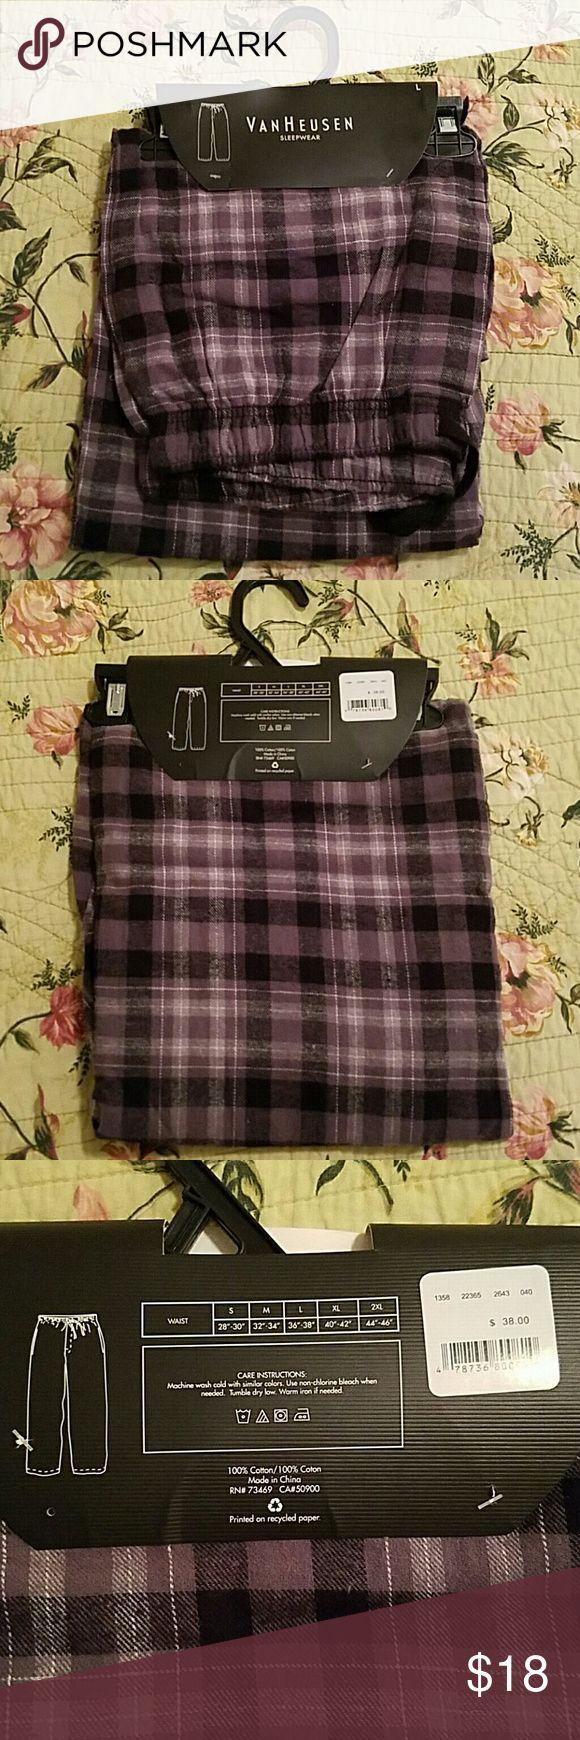 New Van Heusen Men's Sleep Pants Brand New With Tags Men's Van Heusen Sleep Pants. Size Large. Elasticized Waist With Tie Closure. Full Length. 100% Cotton. Size Chart in Photo 3. Van Heusen  Pants Sweatpants & Joggers